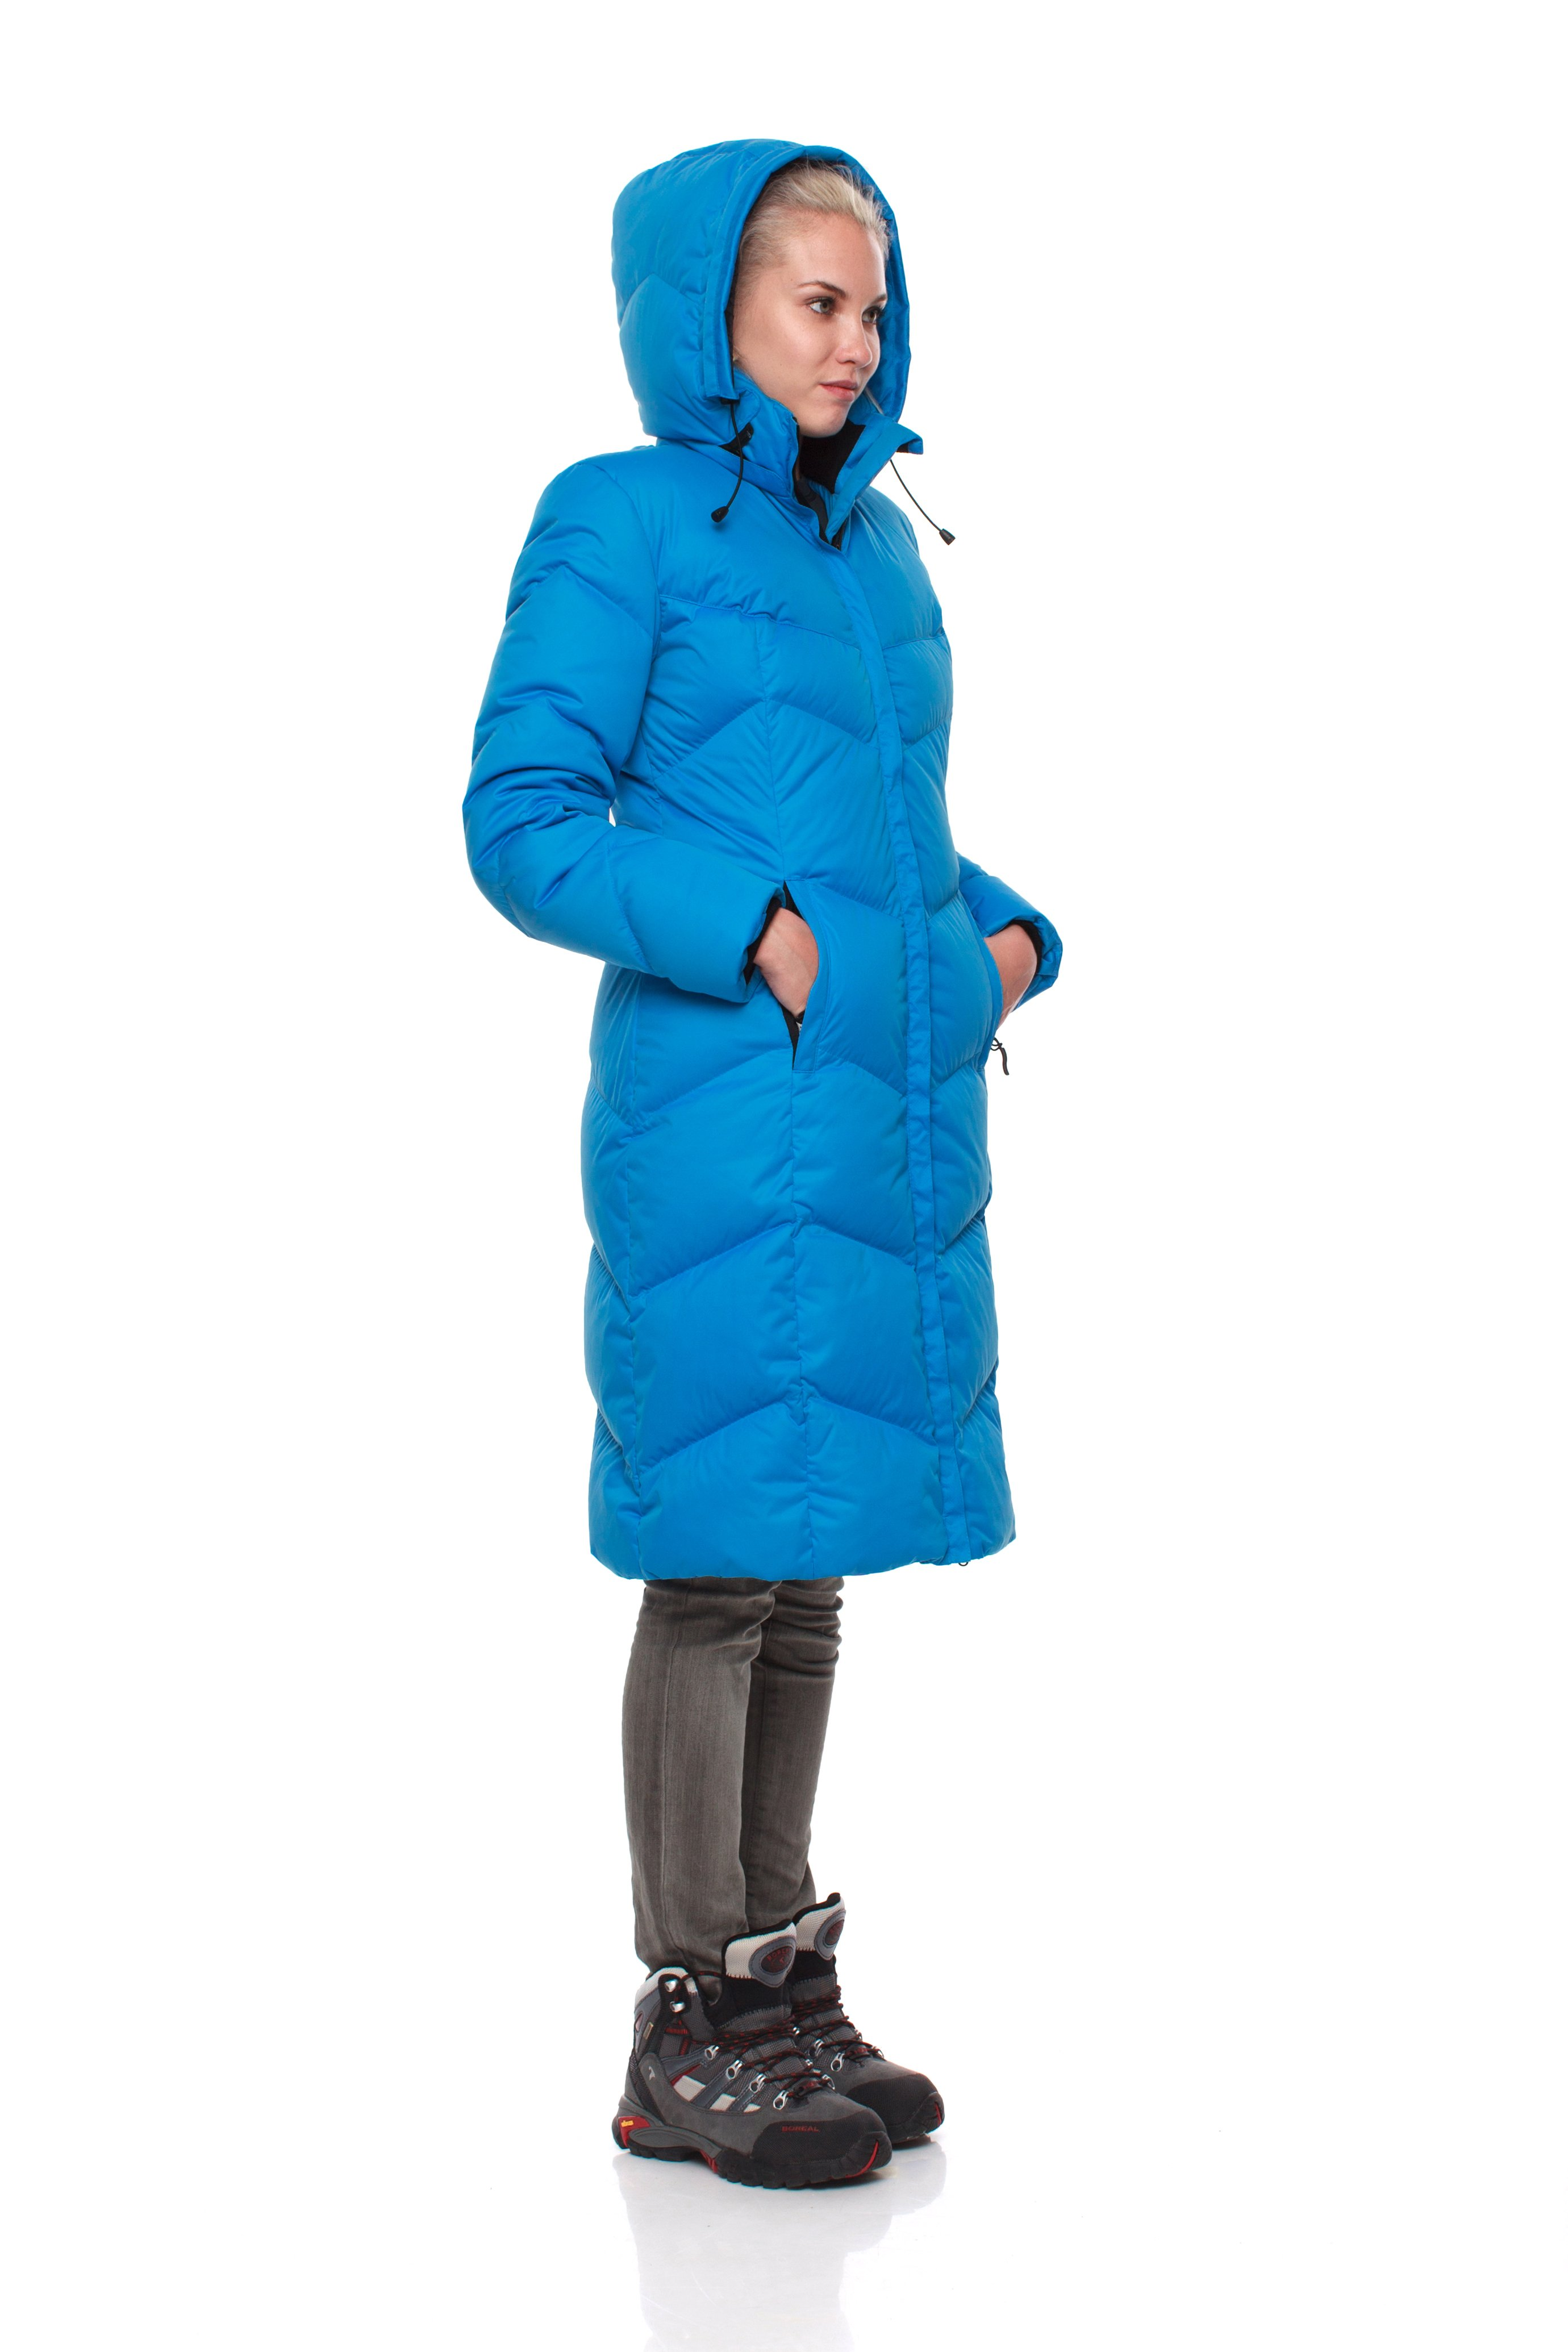 Пуховое пальто BASK SNOWFLAKE 5454Тёплое зимнее женское пуховое пальто из коллекции BASK CITY. Элегантный силуэт и модные расцветки. Капюшон с отстегивающейся меховой опушкой.<br><br>Верхняя ткань: Advance® Ice<br>Вес граммы: 1700<br>Вес утеплителя: 320<br>Ветро-влагозащитные свойства верхней ткани: Нет<br>Ветрозащитная планка: Да<br>Ветрозащитная юбка: Нет<br>Влагозащитные молнии: Нет<br>Внутренние манжеты: Да<br>Внутренняя ткань: Advance® Classic<br>Дублирующий центральную молнию клапан: Да<br>Защитный козырёк капюшона: Нет<br>Капюшон: отстегивается<br>Карман для средств связи: Нет<br>Количество внешних карманов: 2<br>Количество внутренних карманов: 2<br>Коллекция: BASK CITY<br>Мембрана: Нет<br>Объемный крой локтевой зоны: Нет<br>Отстёгивающиеся рукава: Нет<br>Показатель Fill Power (для пуховых изделий): 700<br>Пол: Женский<br>Проклейка швов: Нет<br>Регулировка манжетов рукавов: Нет<br>Регулировка низа: Нет<br>Регулировка объёма капюшона: Нет<br>Регулировка талии: Нет<br>Регулируемые вентиляционные отверстия: Нет<br>Световозвращающая лента: Нет<br>Температурный режим: -15<br>Технология Thermal Welding: Нет<br>Технология швов: Простые<br>Тип молнии: Двухзамковая<br>Тип утеплителя: Натуральный<br>Усиление контактных зон: Нет<br>Утеплитель: Гусиный пух<br>Размер INT: M<br>Цвет: СИНИЙ